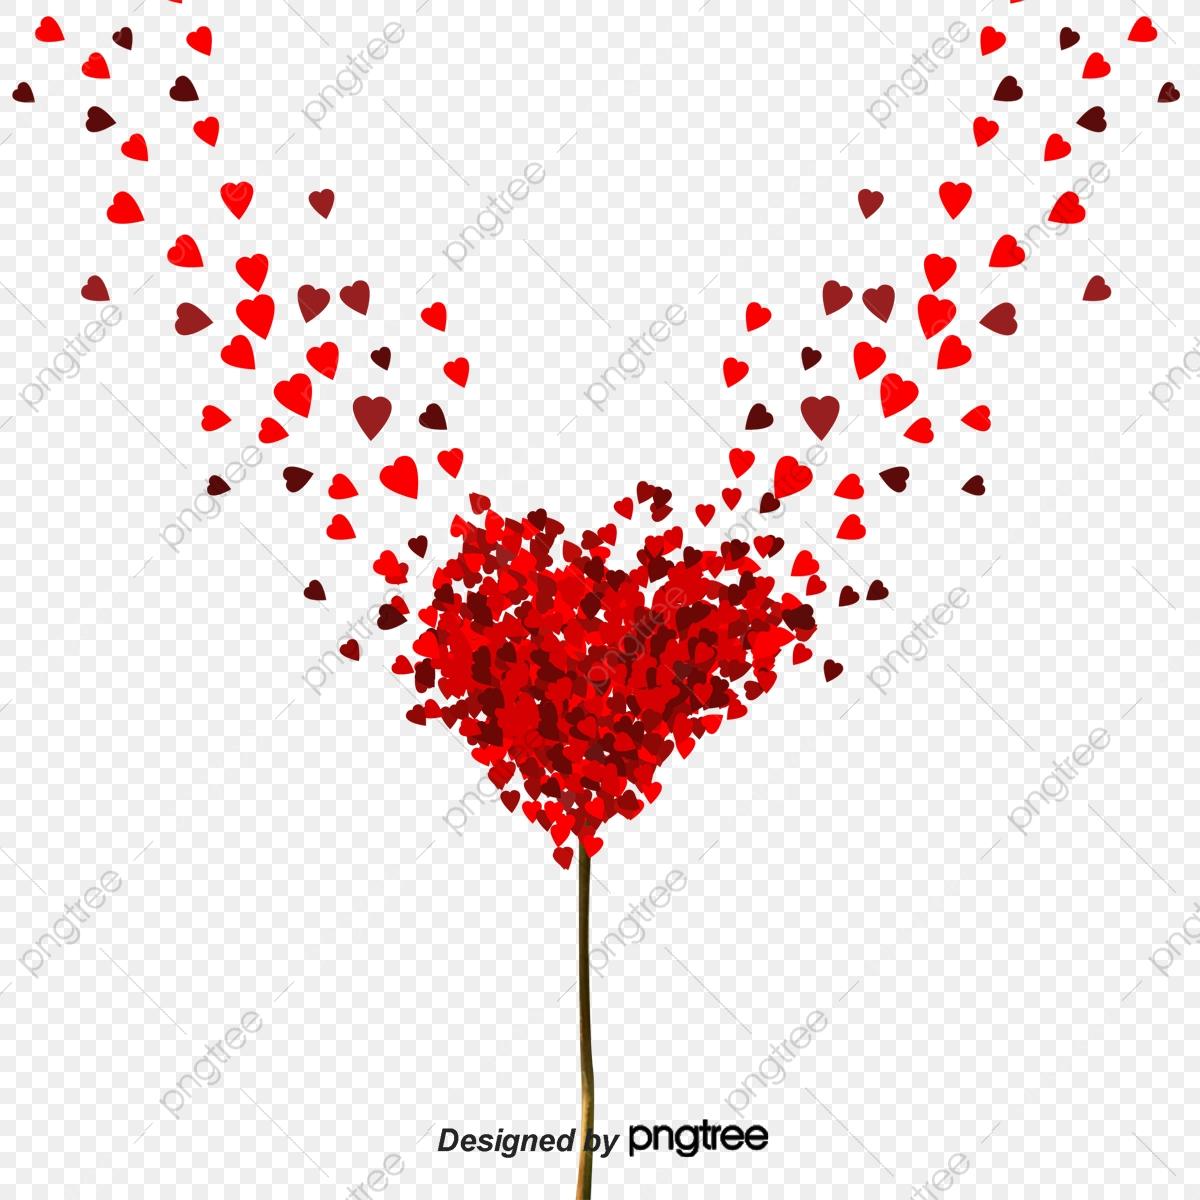 Fondo De Amor, Amor, Corazones PNG y Vector para Descargar Gratis.